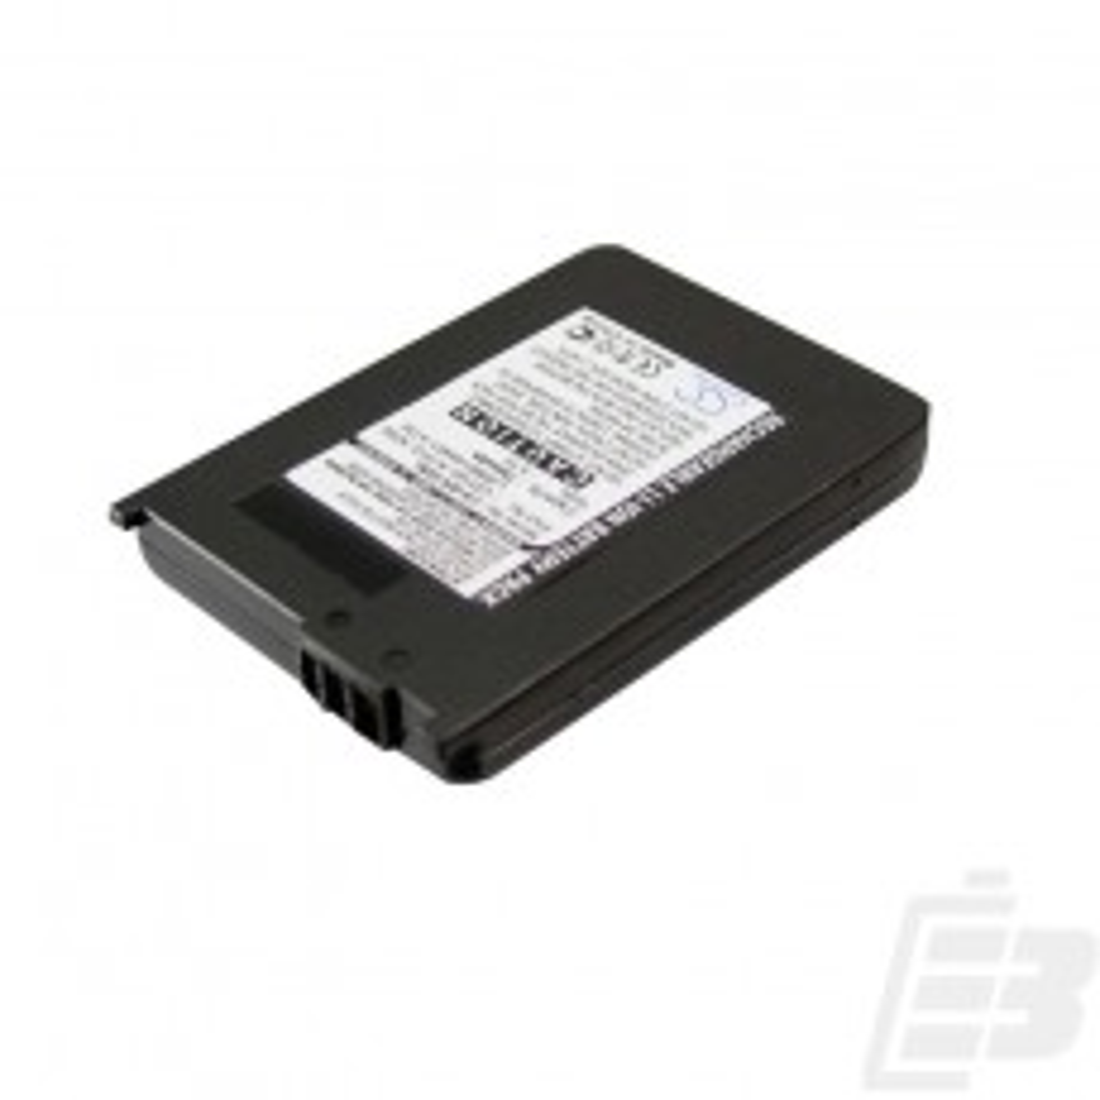 Μπαταρία ασύρματου τηλεφώνου Siemens Gigaset 4000 Micro_1